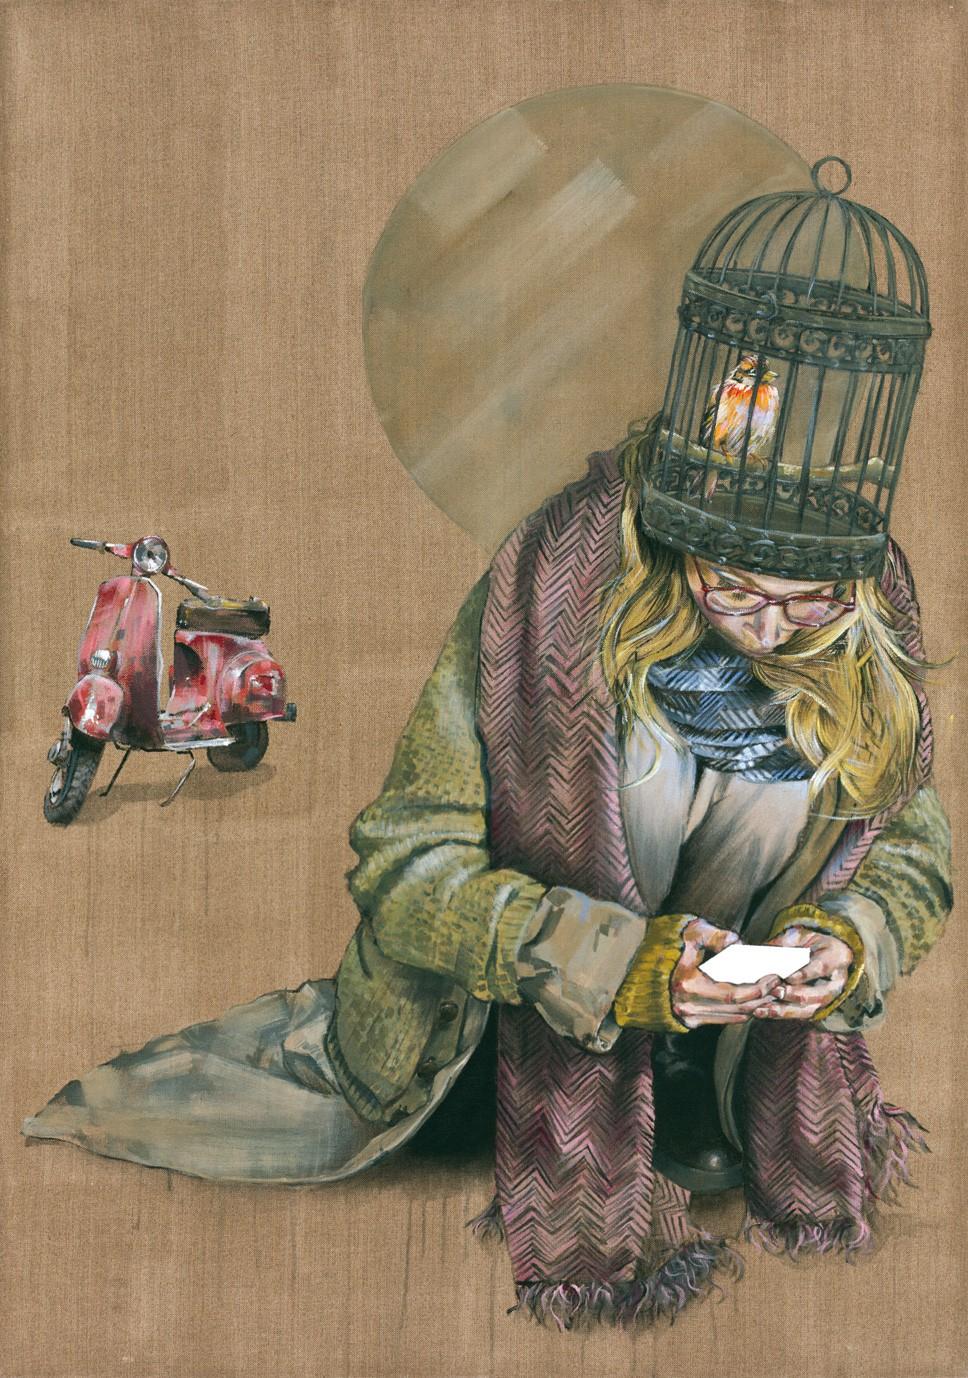 eingesessen | Malerei von Holger Weissflog, innerfields | Acryl auf Leinwand, Urban Art